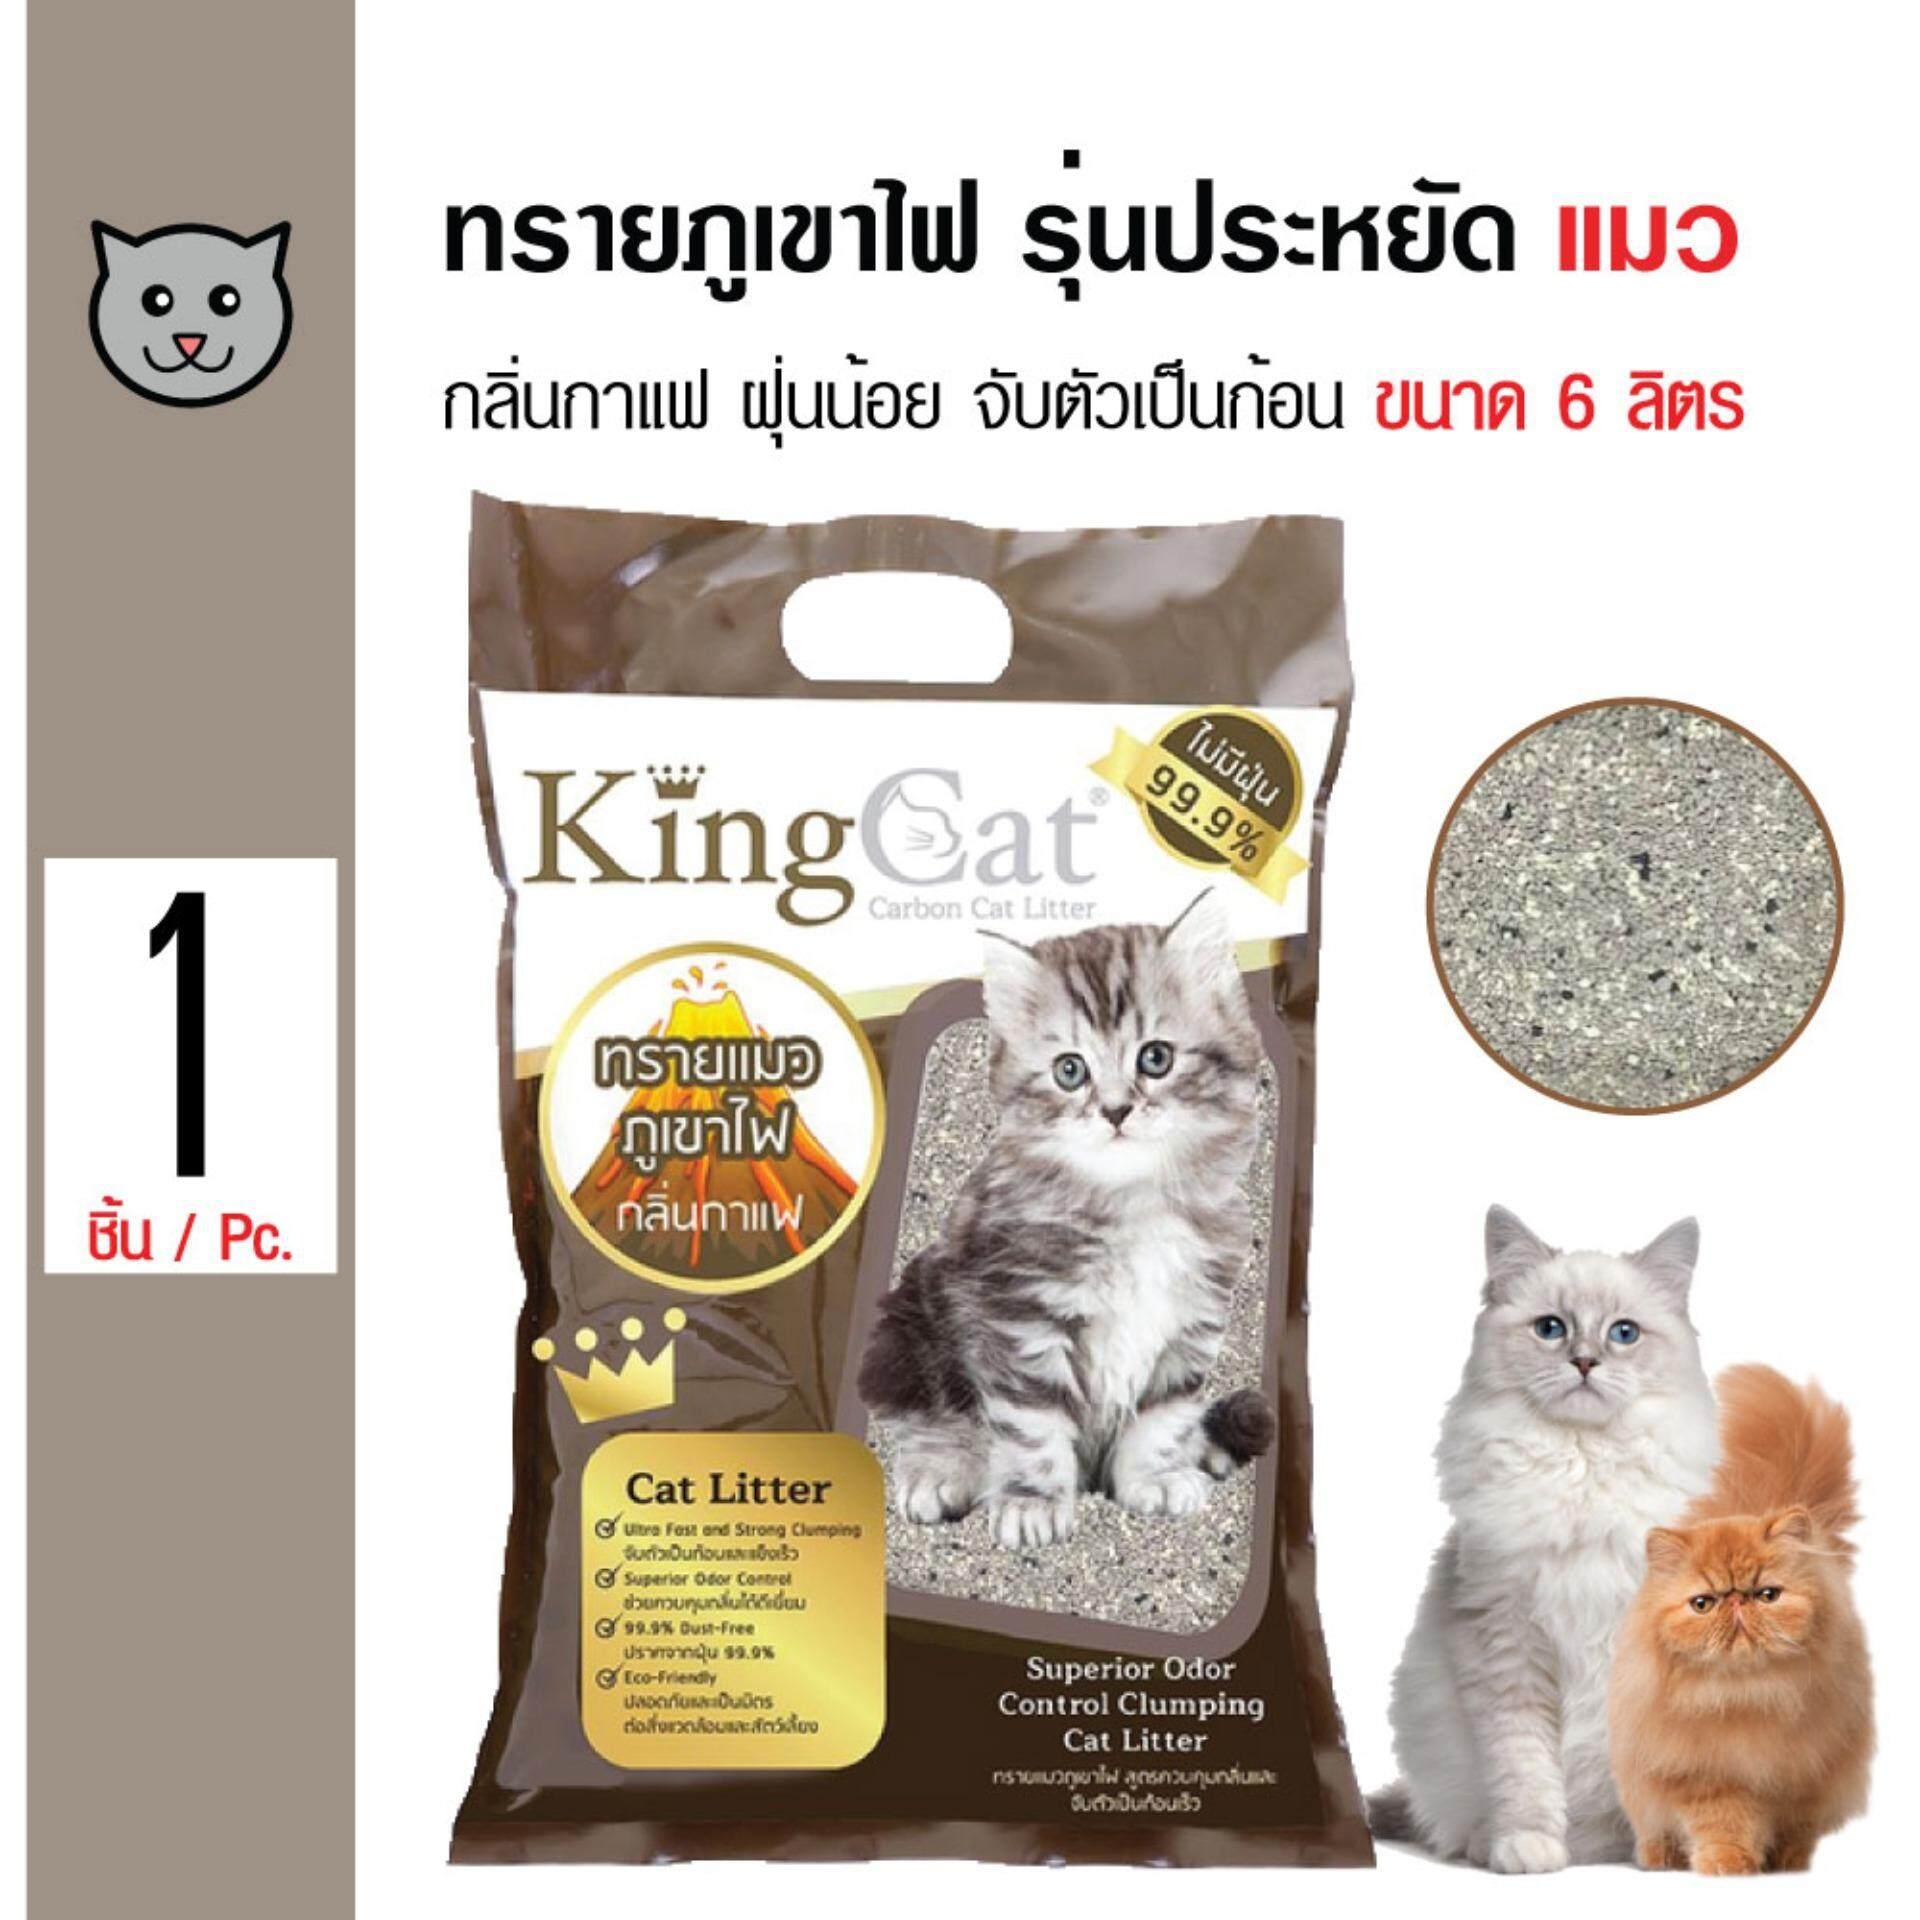 King Cat ทรายแมวภูเขาไฟ กลิ่นกาแฟ สูตรจับตัวเป็นก้อนง่าย ฝุ่นน้อย สำหรับแมวทุกวัย ขนาด 6 ลิตร